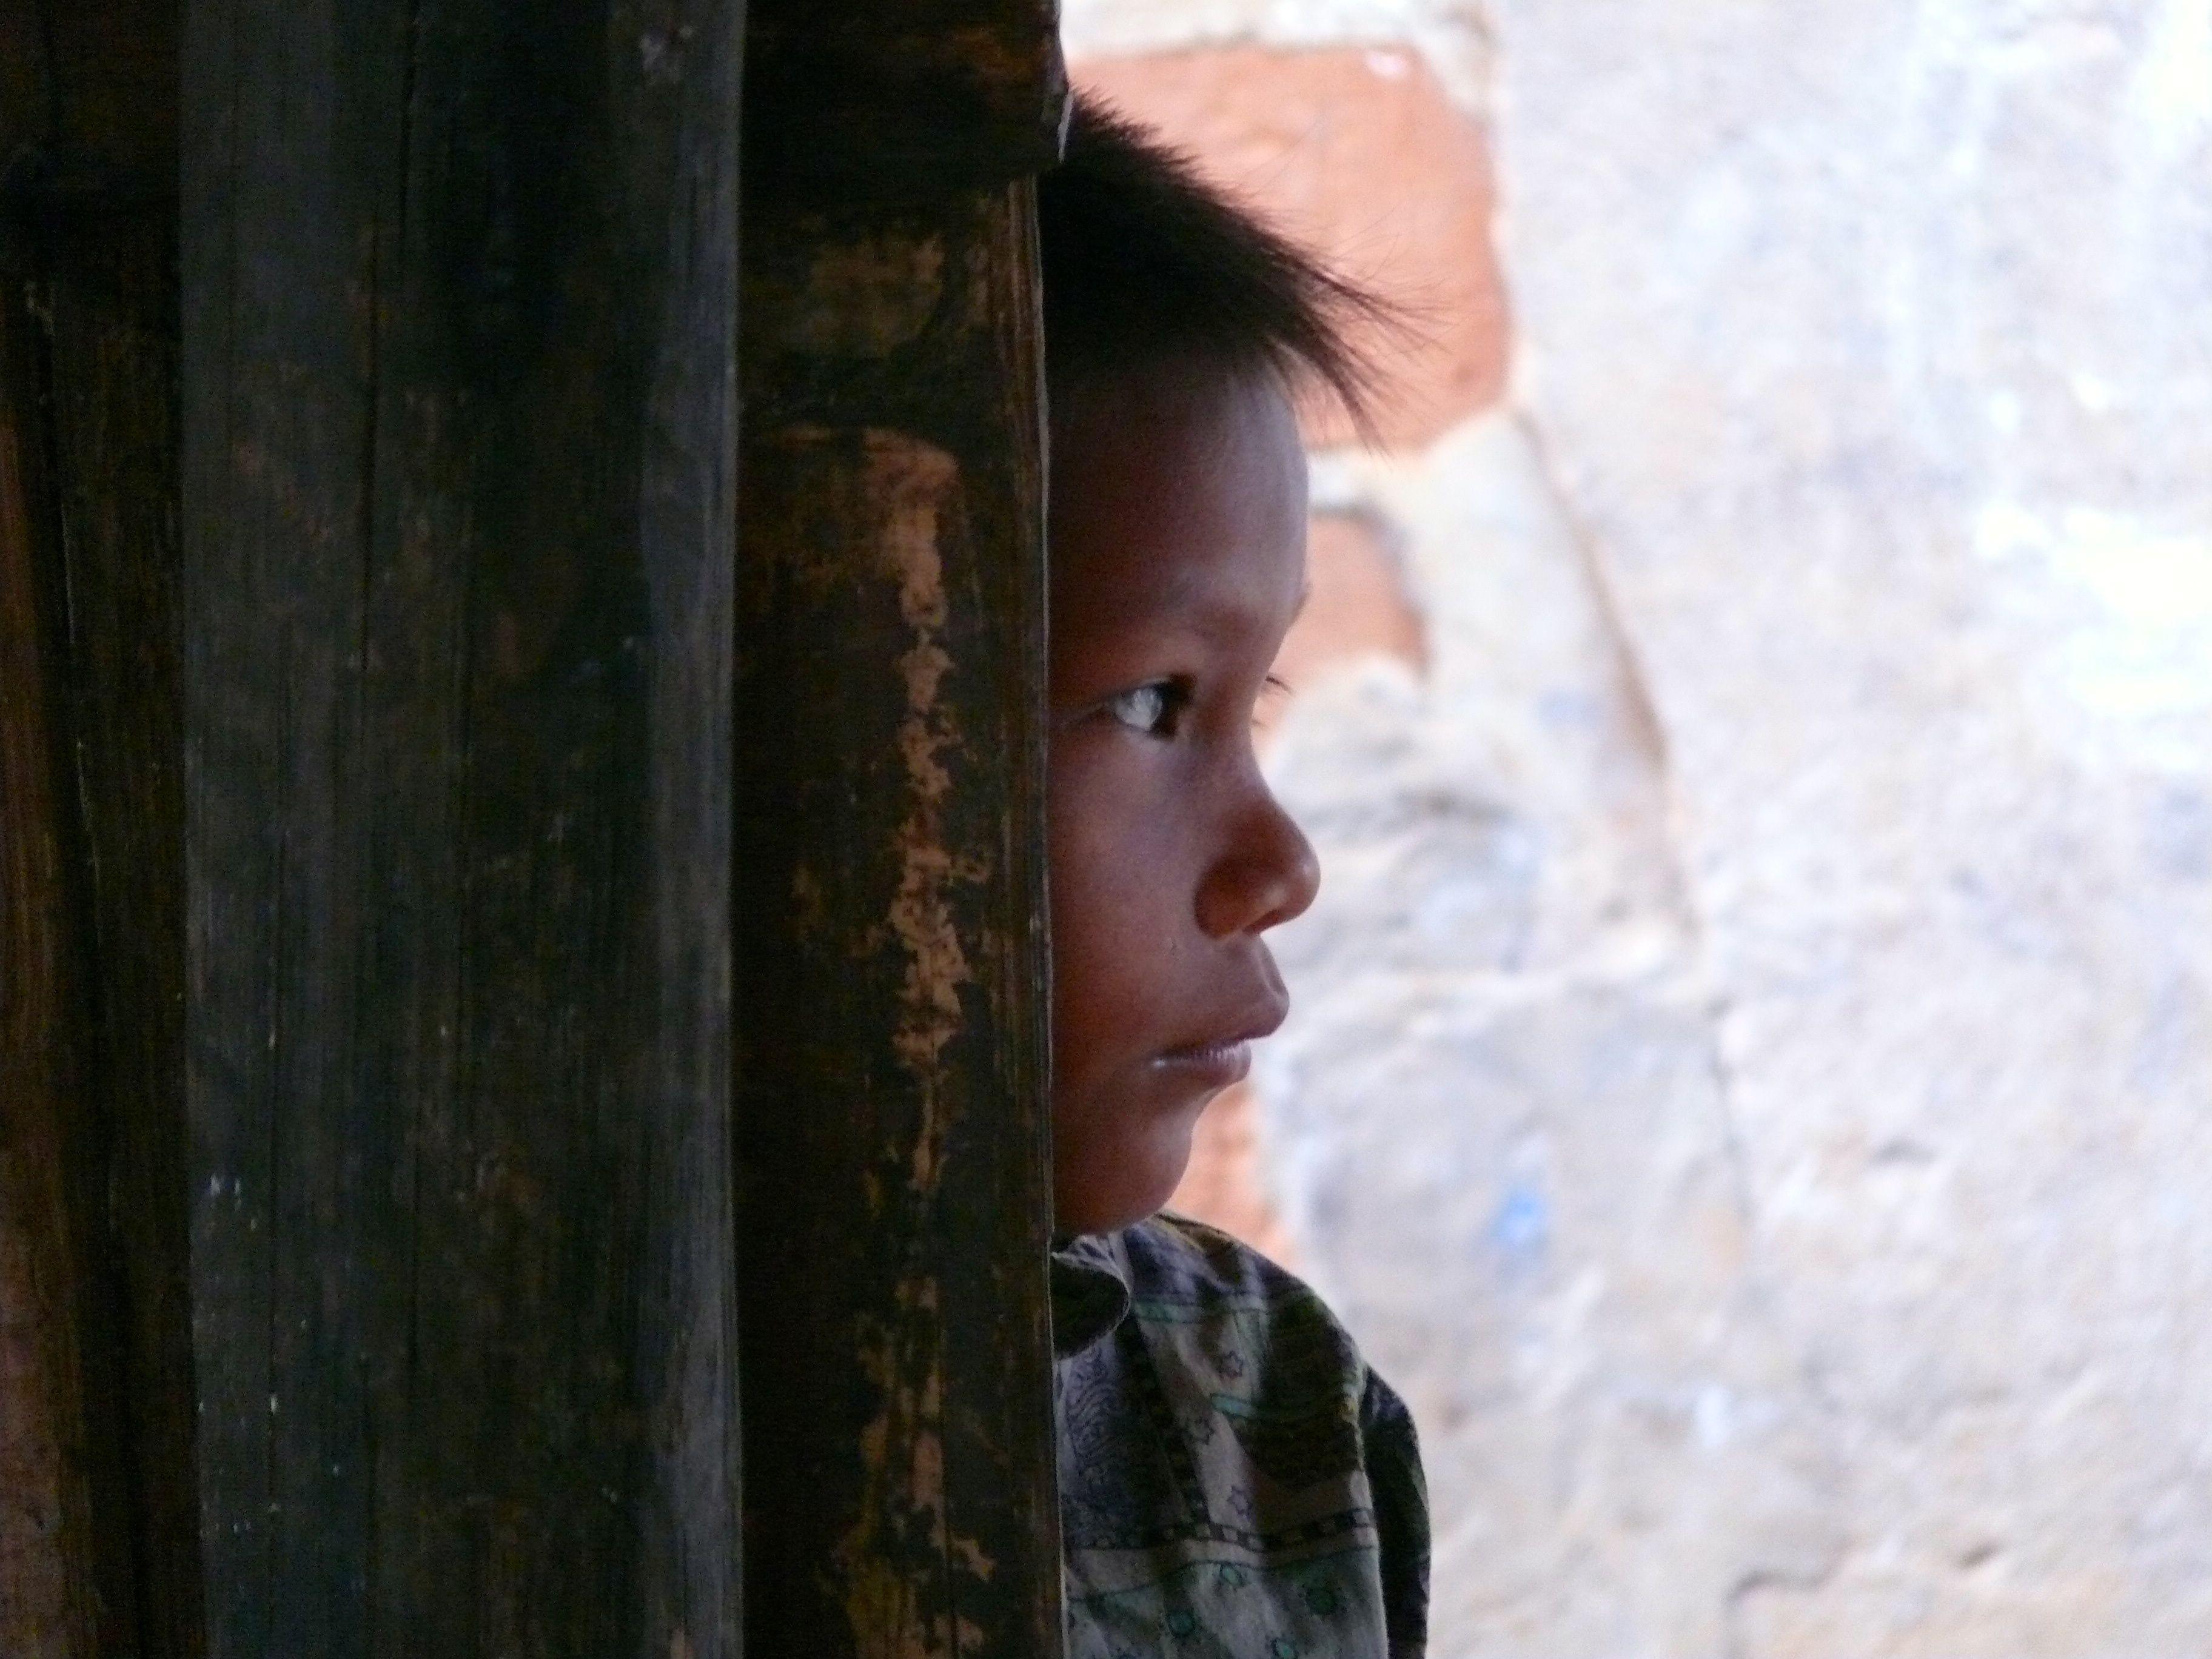 audiencia-publica-para-tratar-graves-problemas-de-pueblos-indigenas-en-colombia